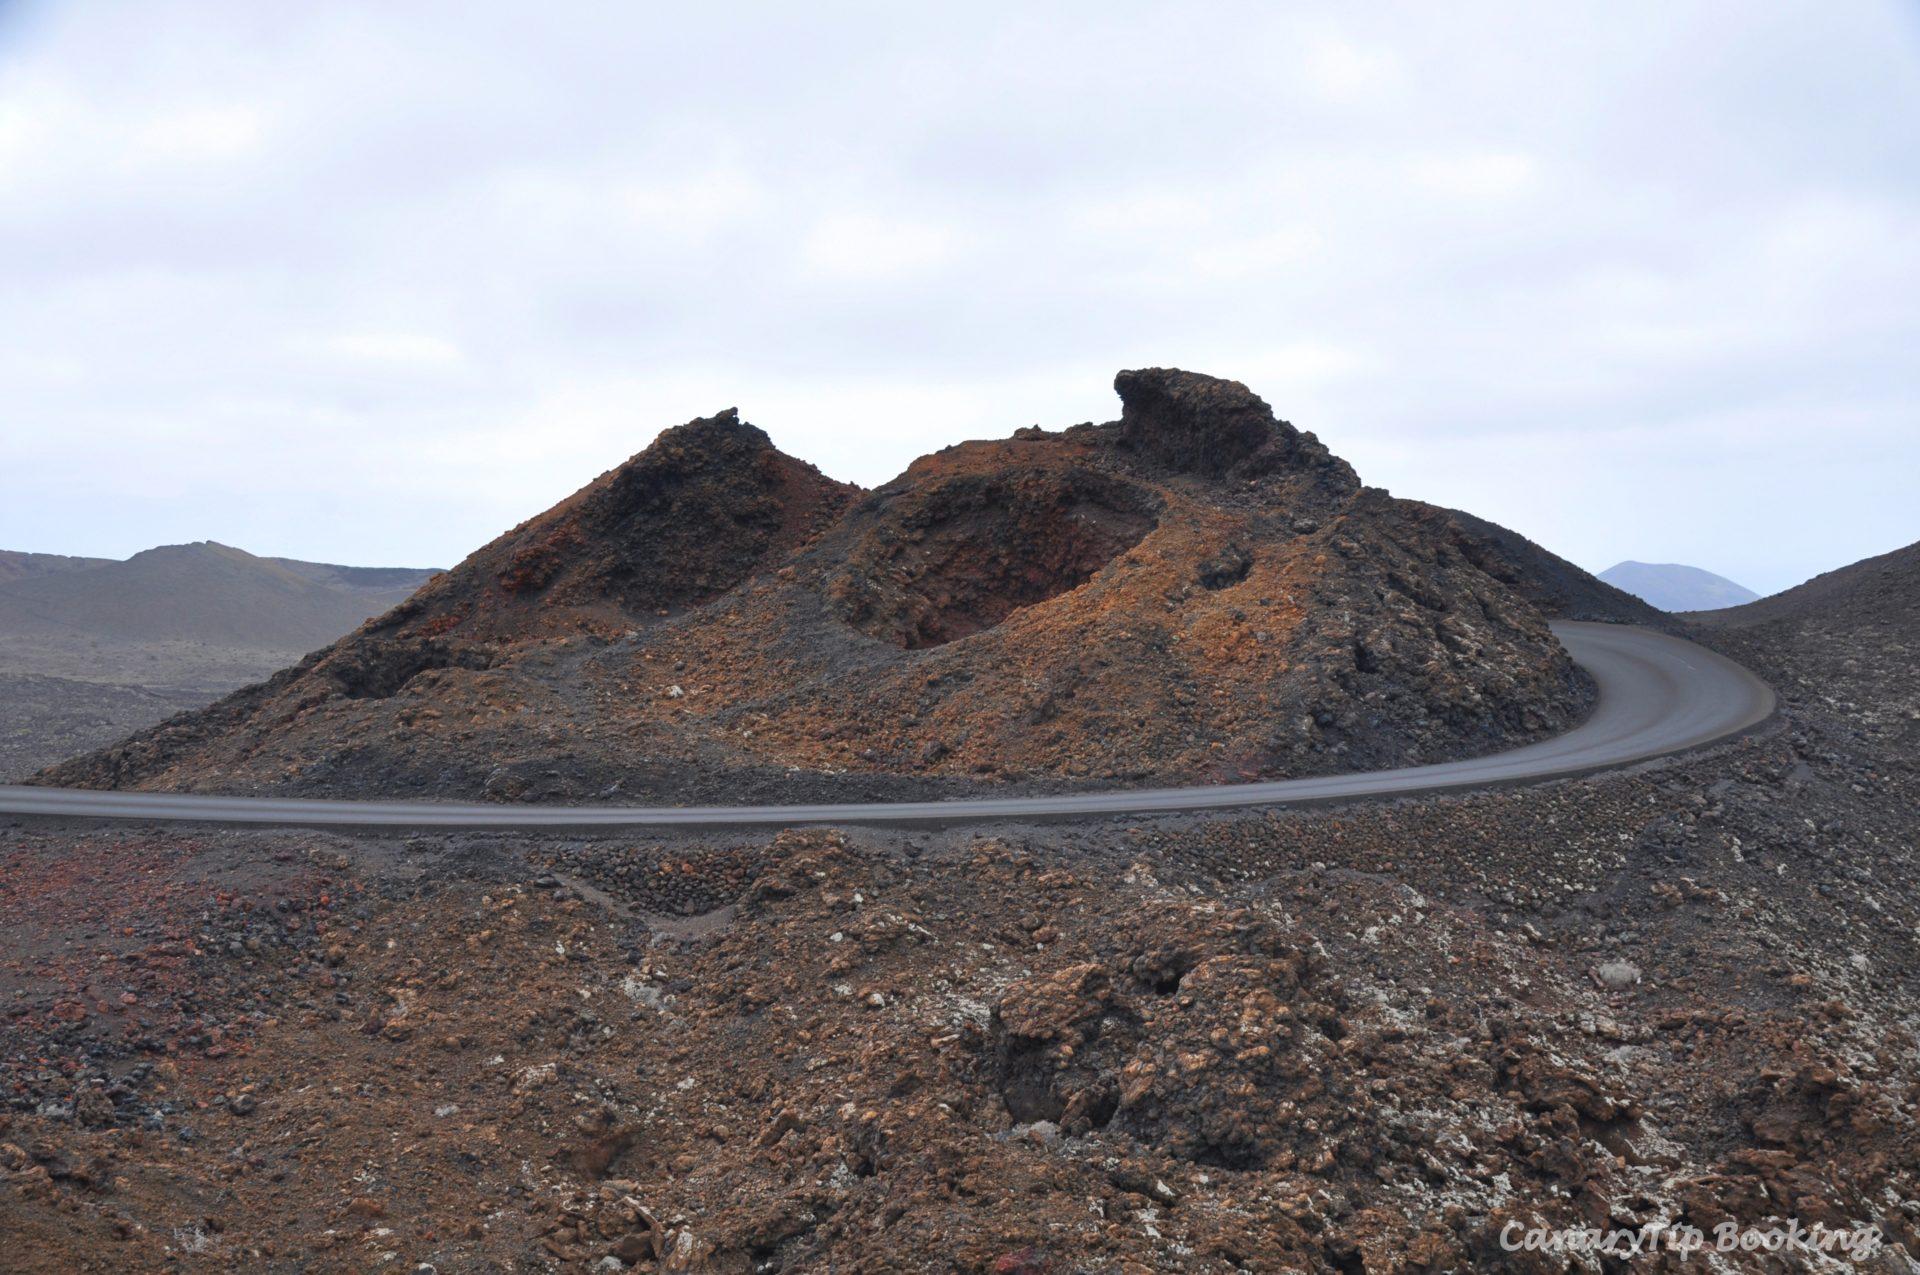 ruta-montañas-del-fuego-timanfaya-lanzarote-canary-trip-booking